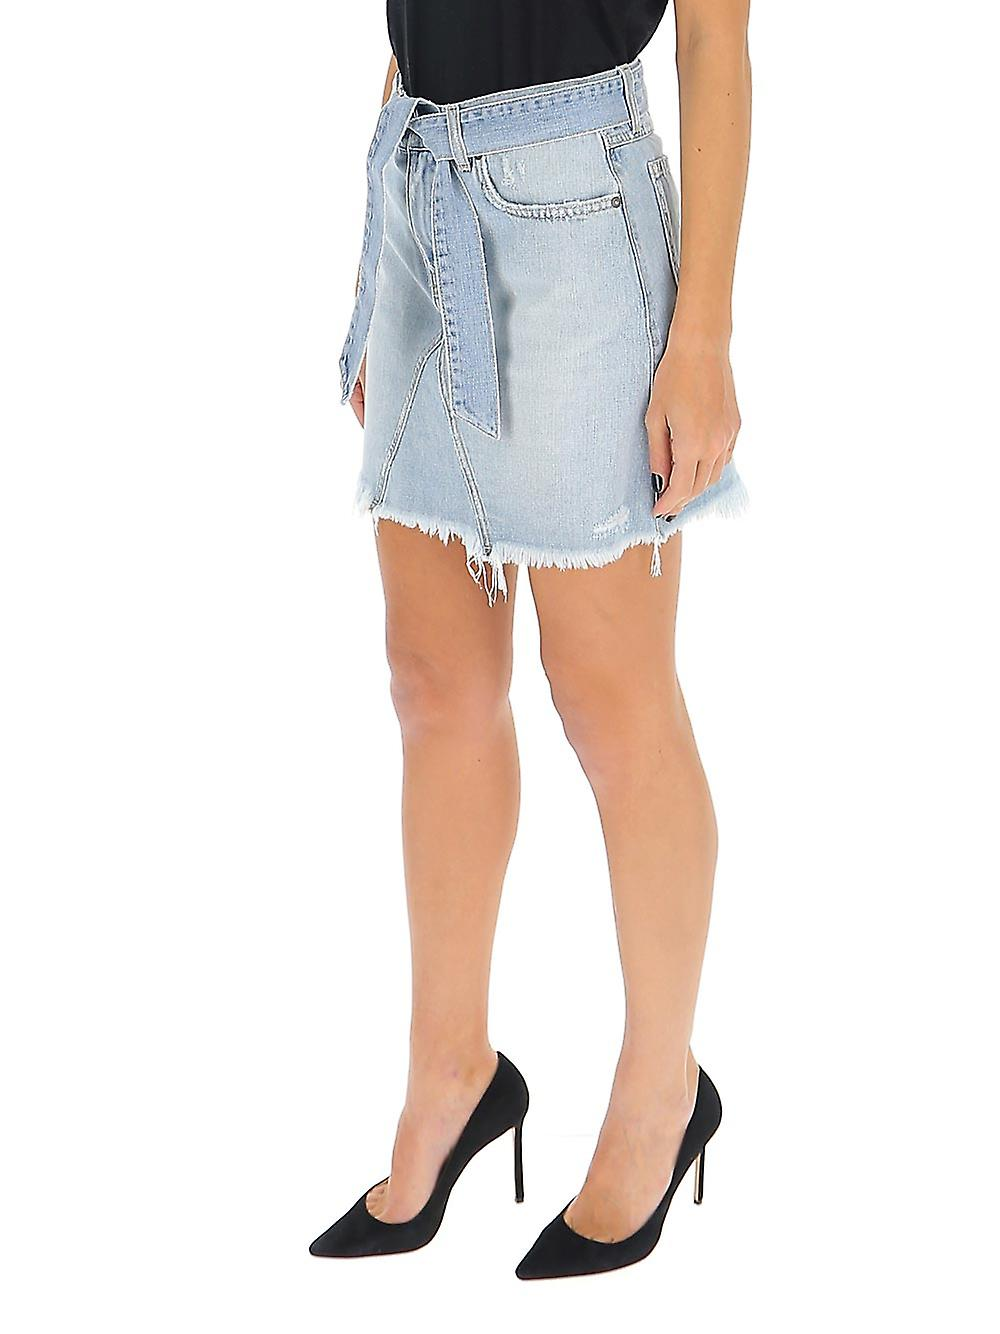 Givenchy Bw40da50dh452 Femme-apos;s Jupe en coton bleu clair dPylUL